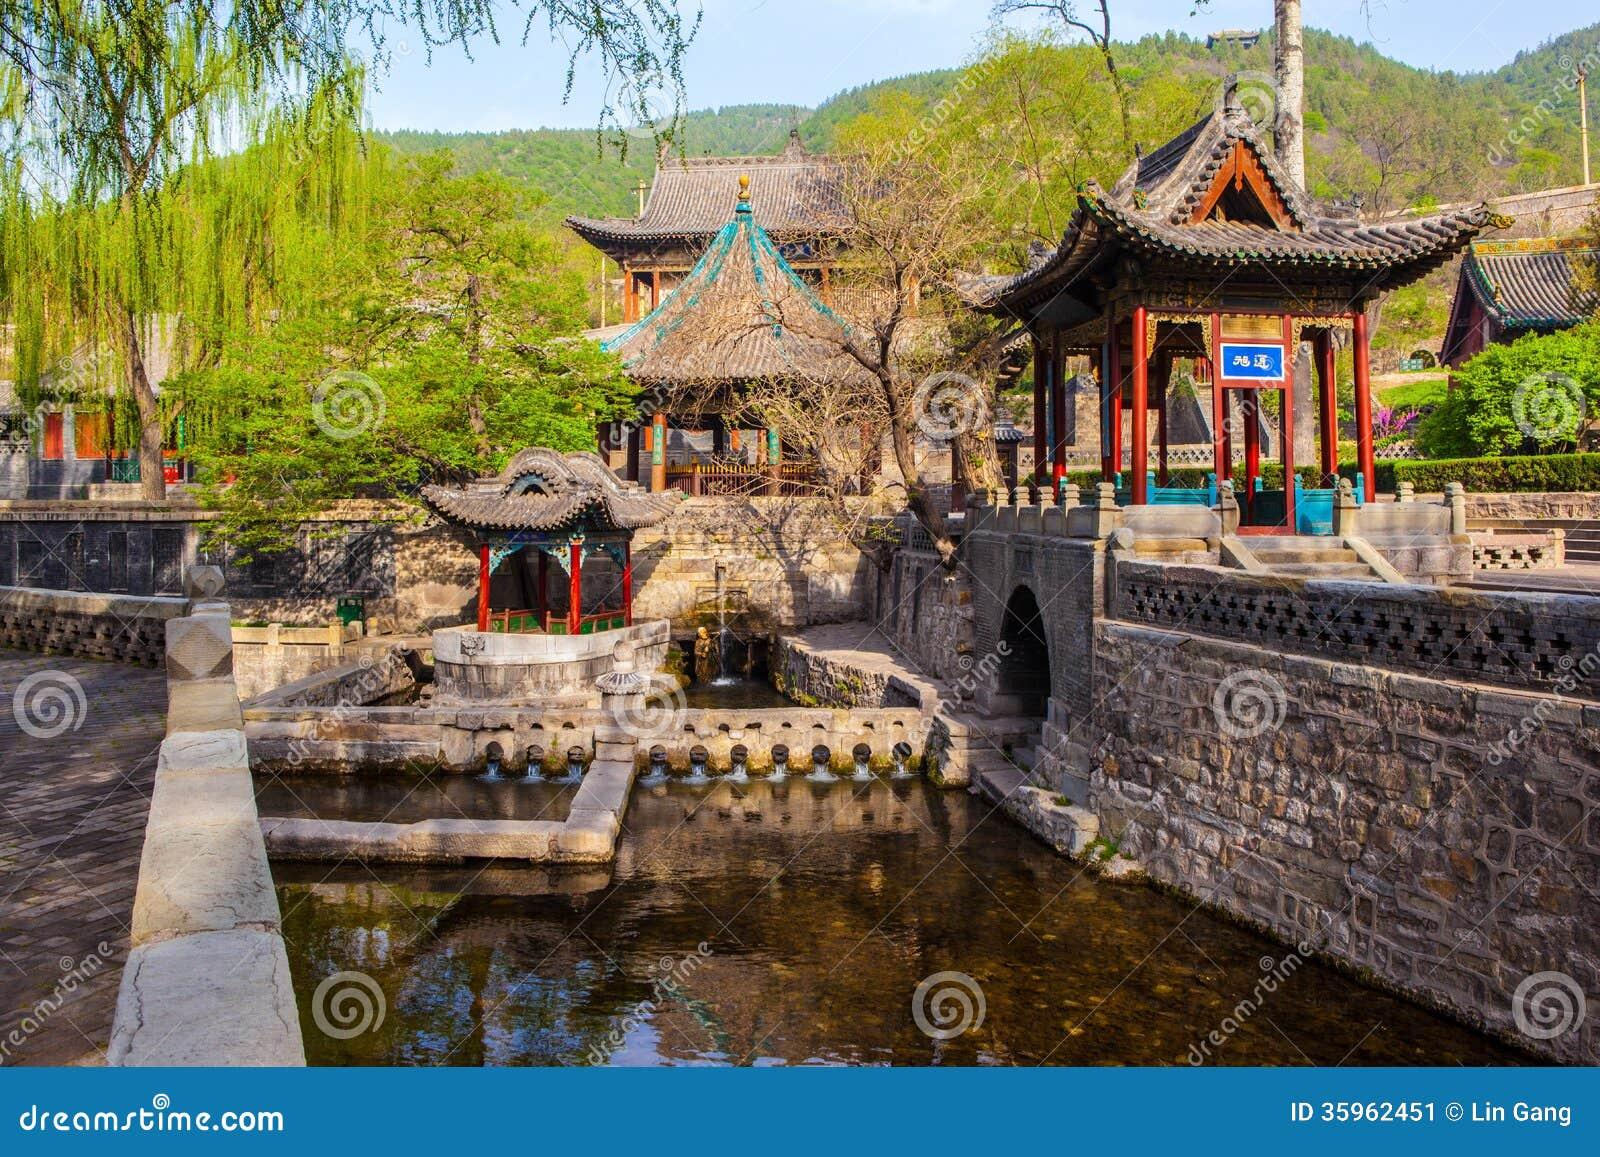 Escena conmemorativa del templo de Jinci (museo). Primavera de Nanlao.